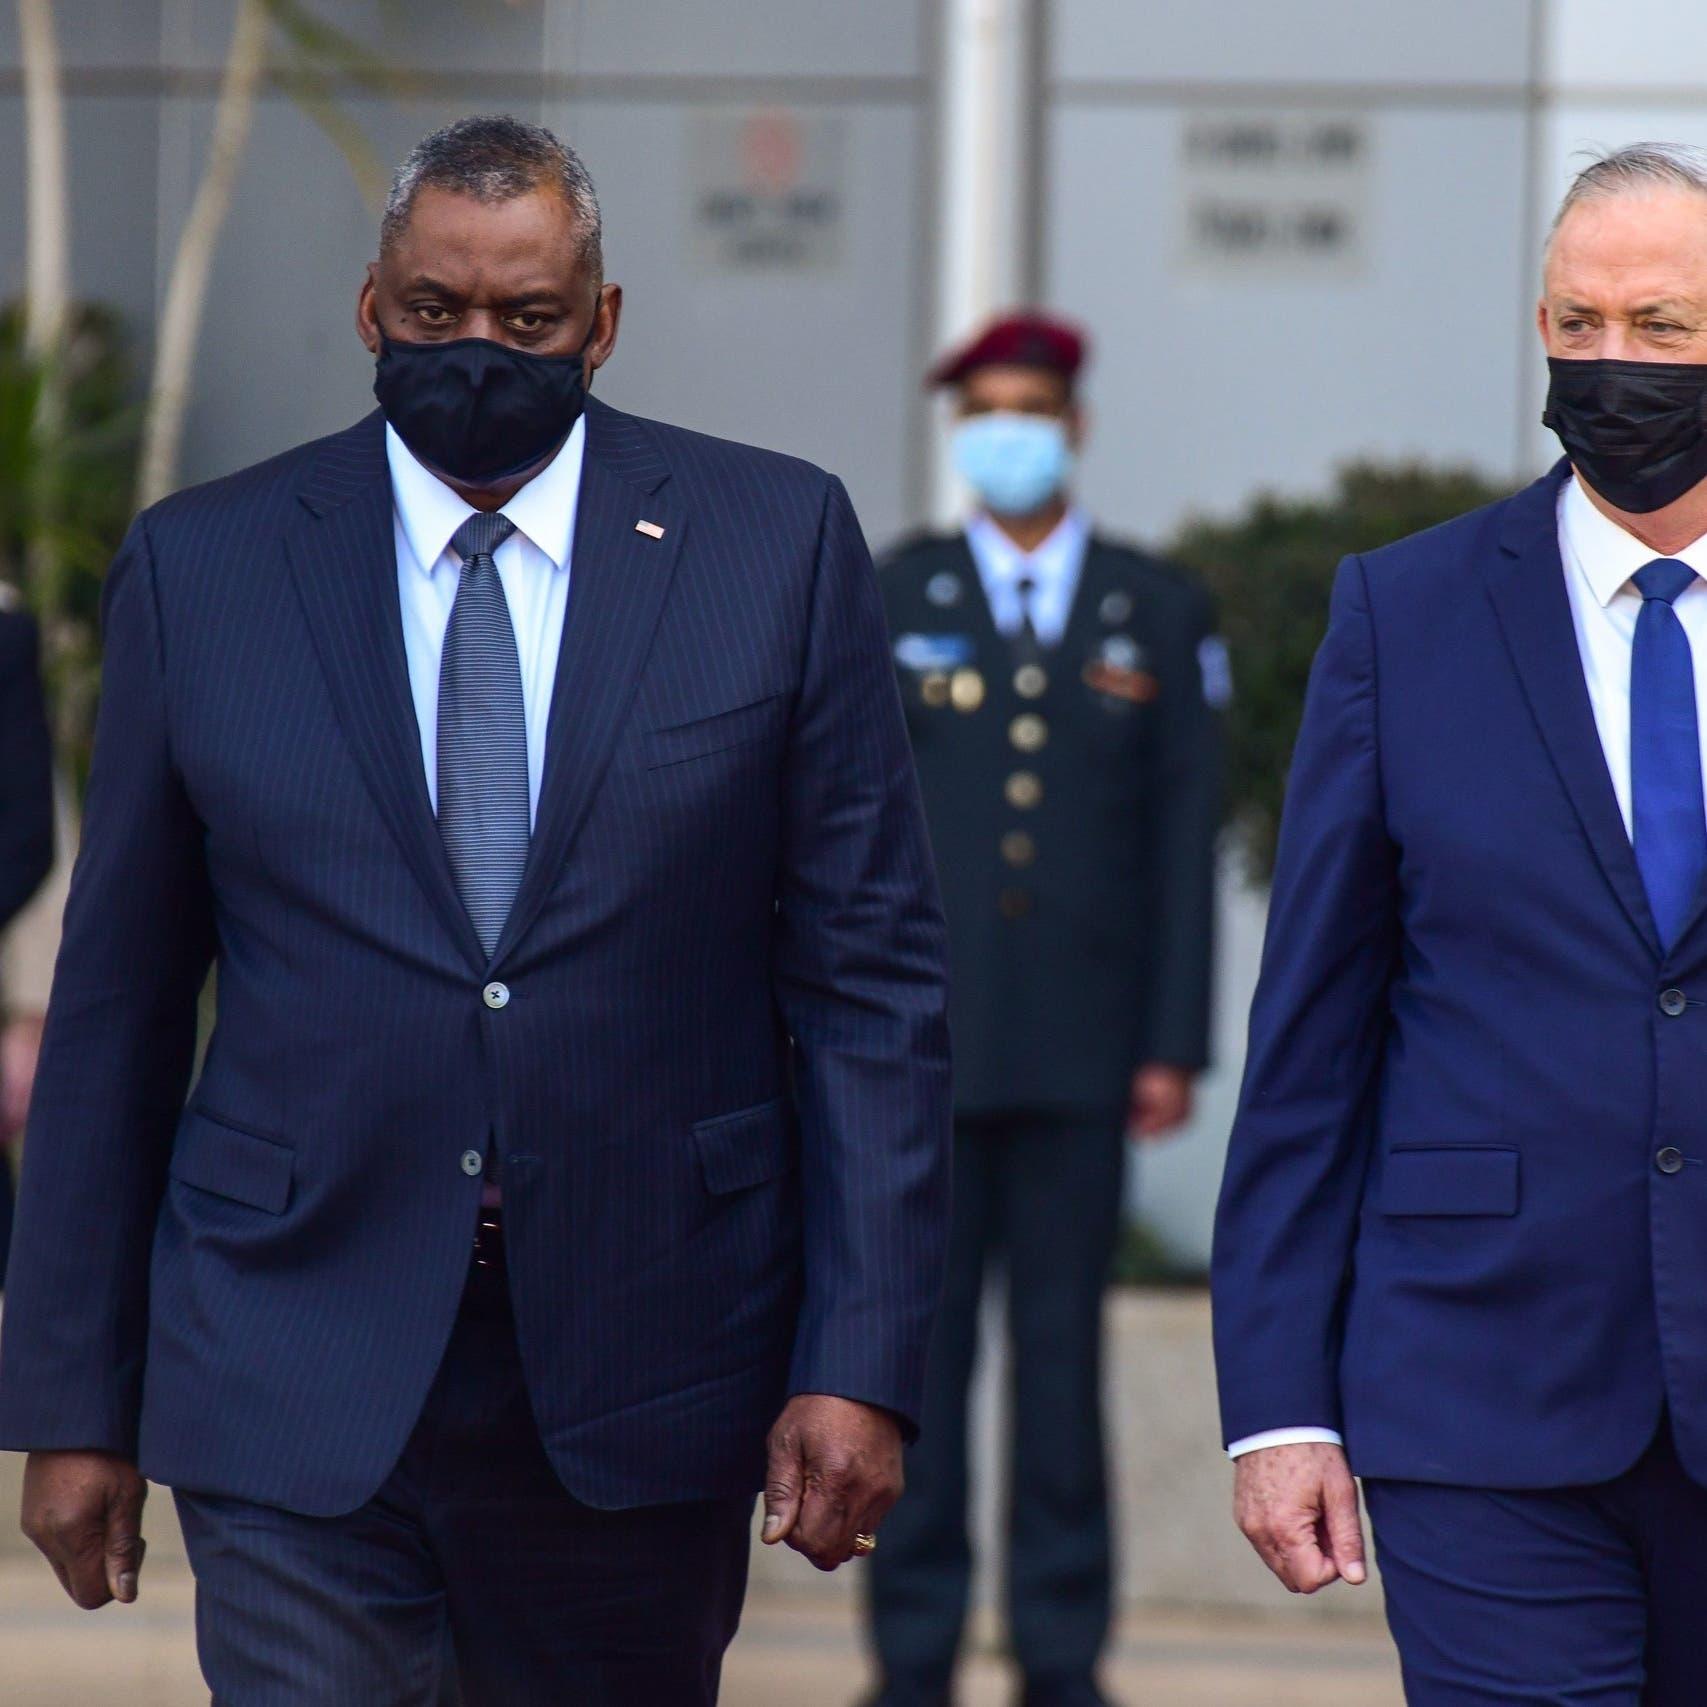 وزيرا دفاع أميركا وإسرائيل يبحثان سلوك إيران وتأمين مساعدات غزة